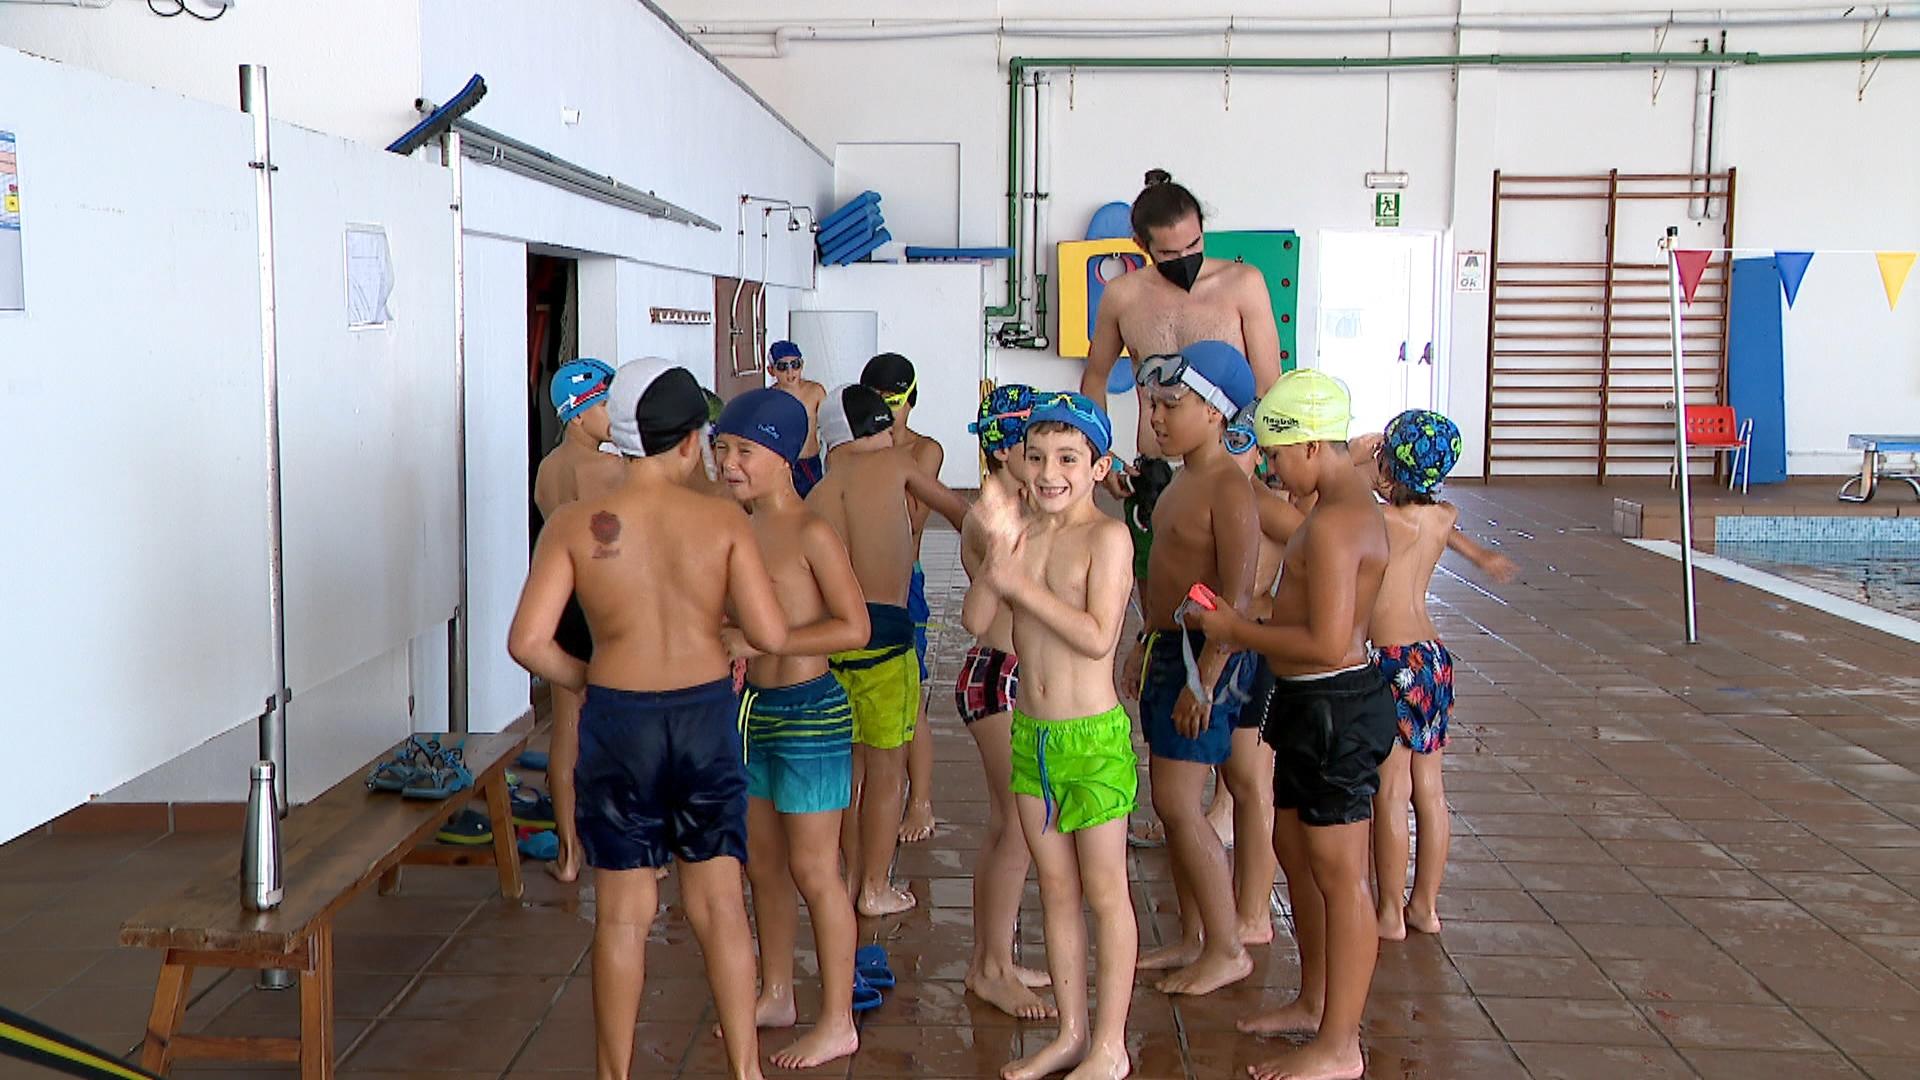 El+final+del+curs+escolar+a+Menorca+no+acaba+amb+els+confinaments+dels+grups+bombolla